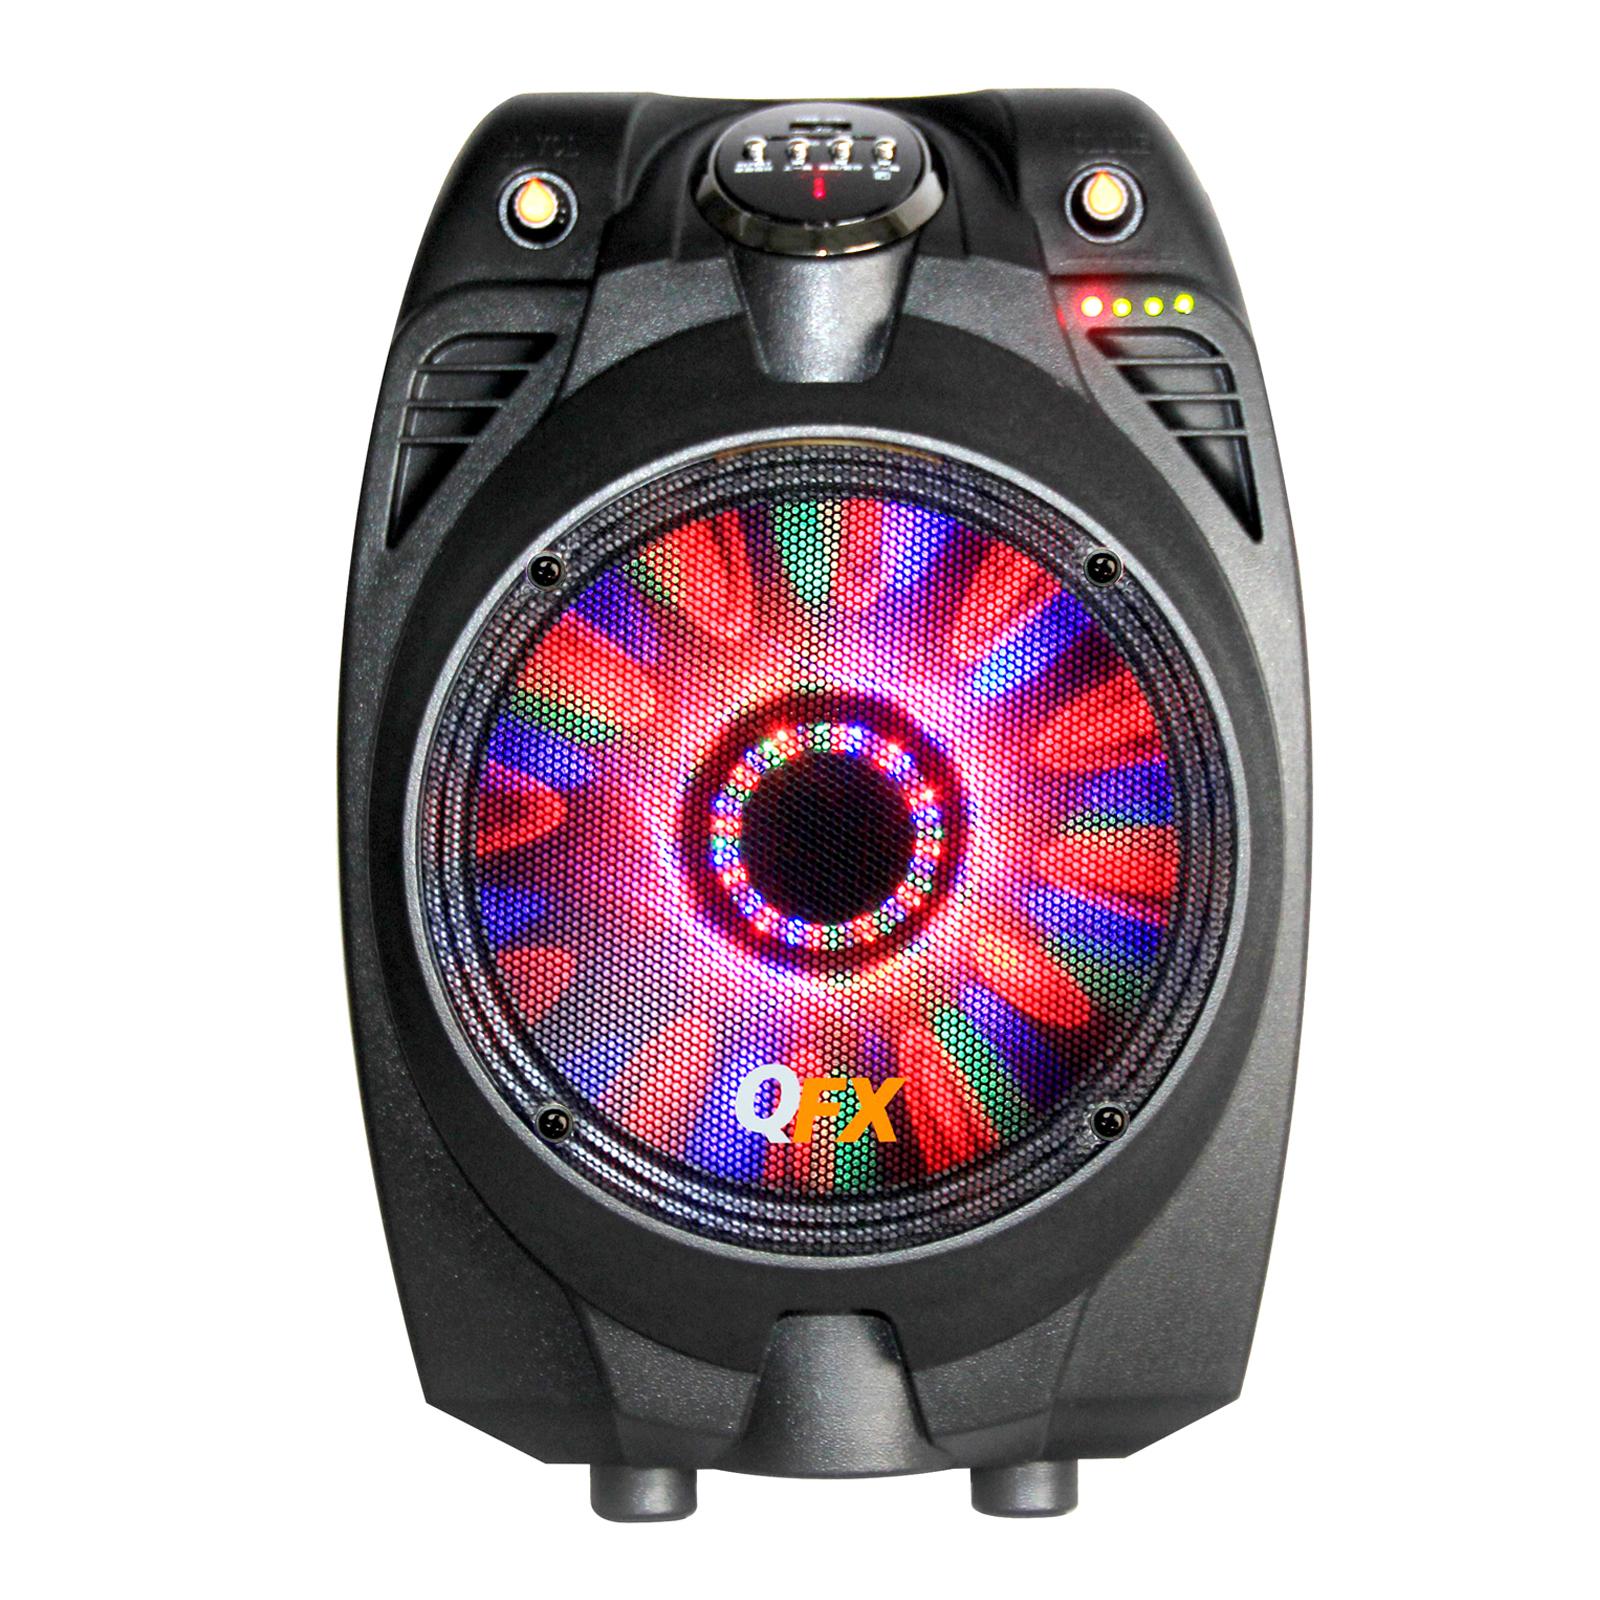 Quantum FX Portable Tailgate Speaker